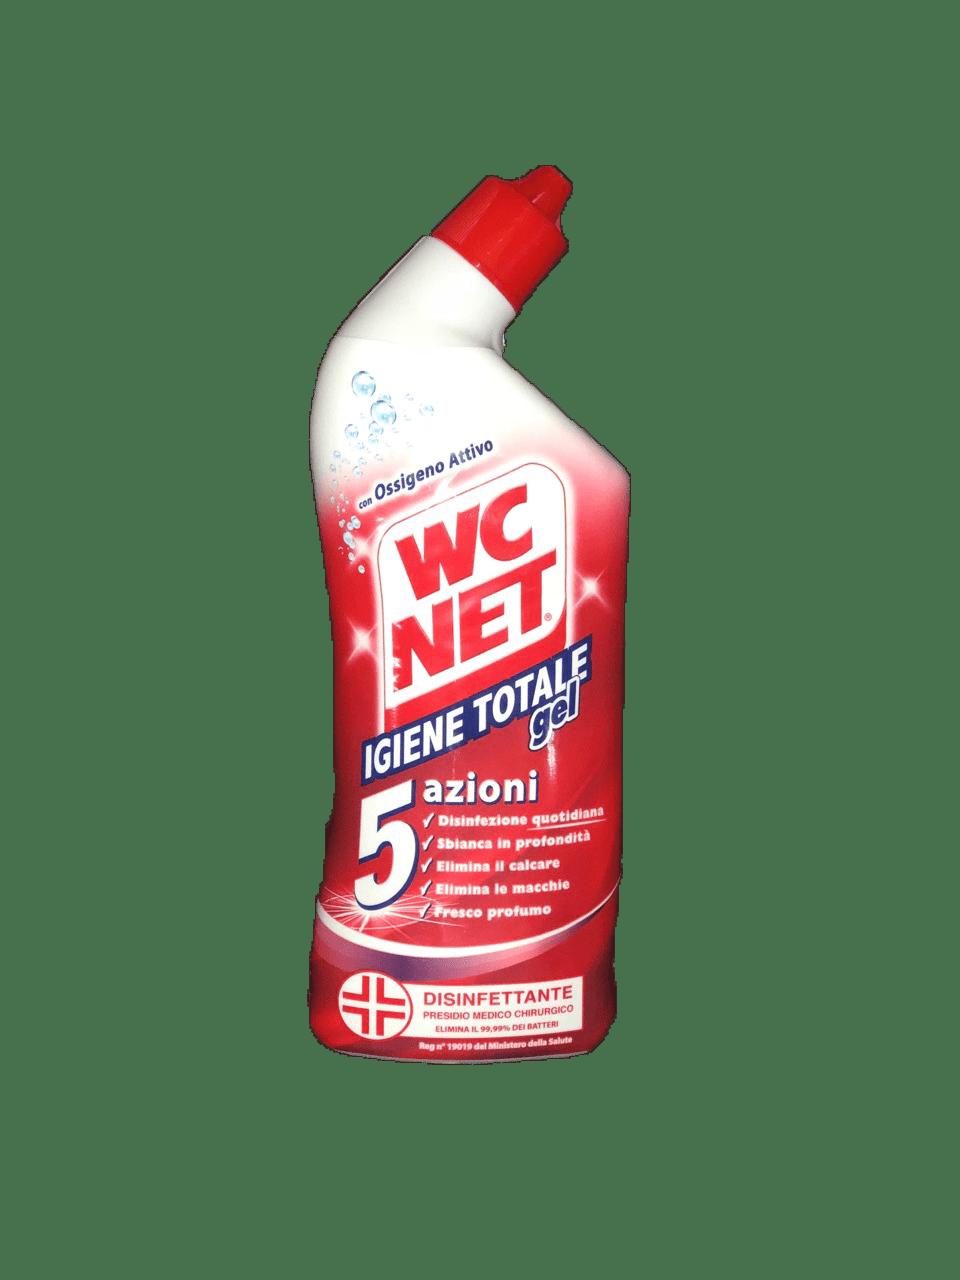 Gel Za Toaletna Wc Net Igiene Totale 700ml